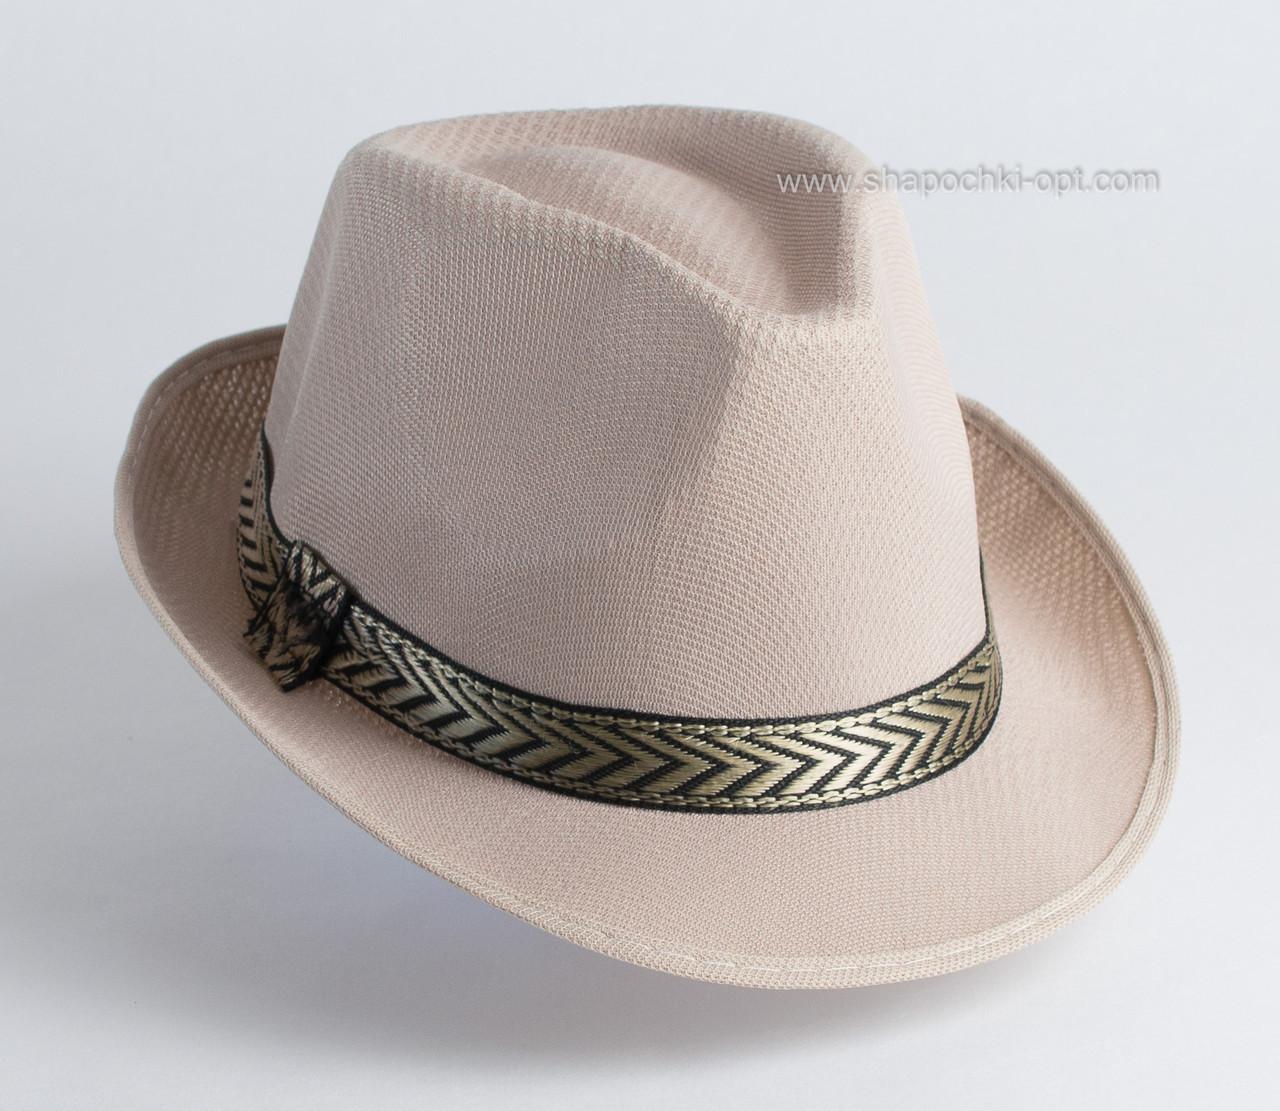 Річна капелюх чоловічого стилю федори з стрічкою унісекс колір бежевий